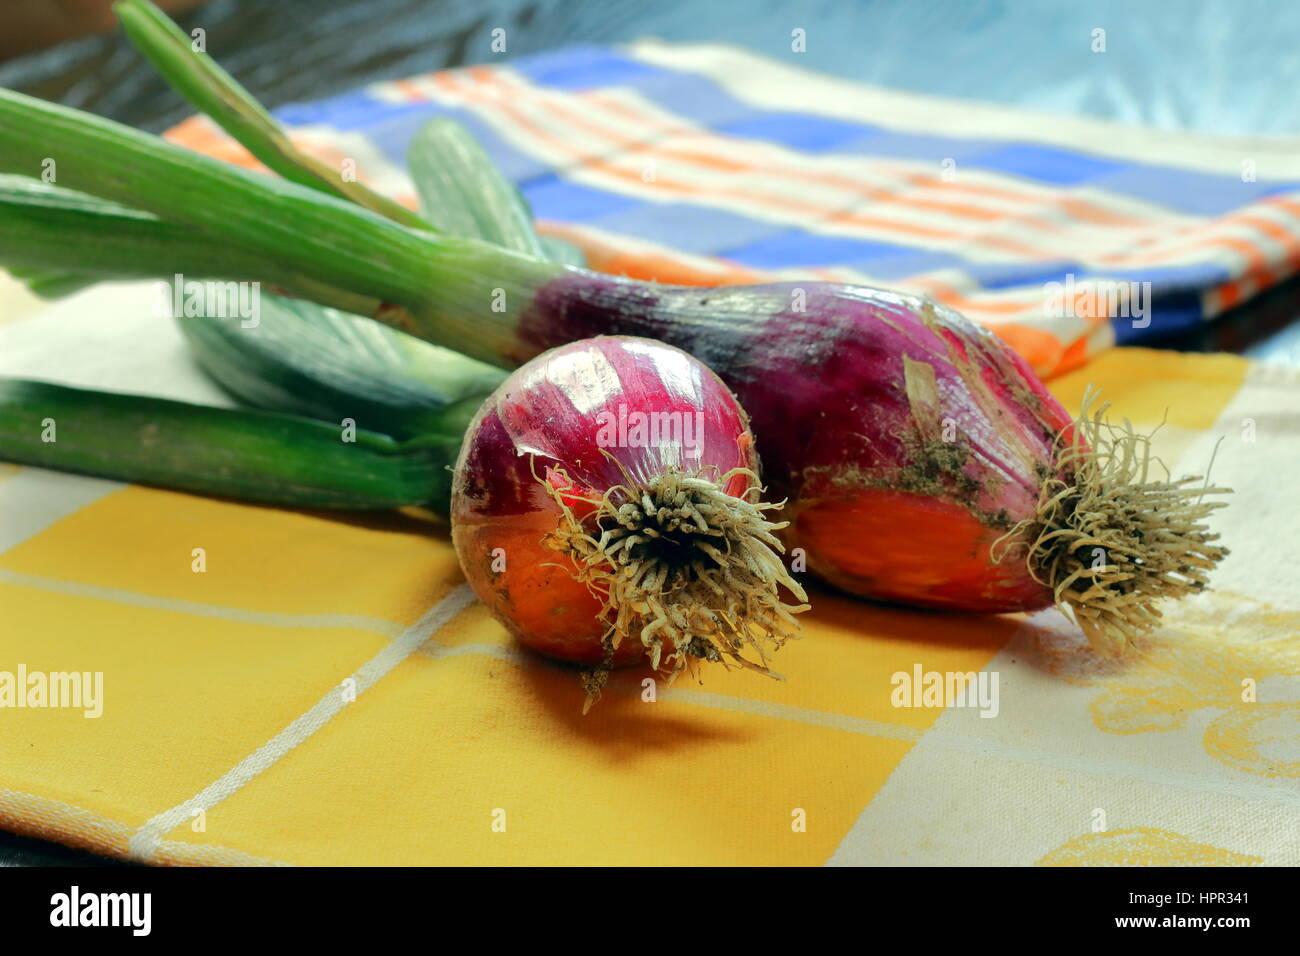 Materie organiche red Bulbo di cipolla sulla colorata biancheria per la cucina che giace sul legno scuro del tavolo Immagini Stock